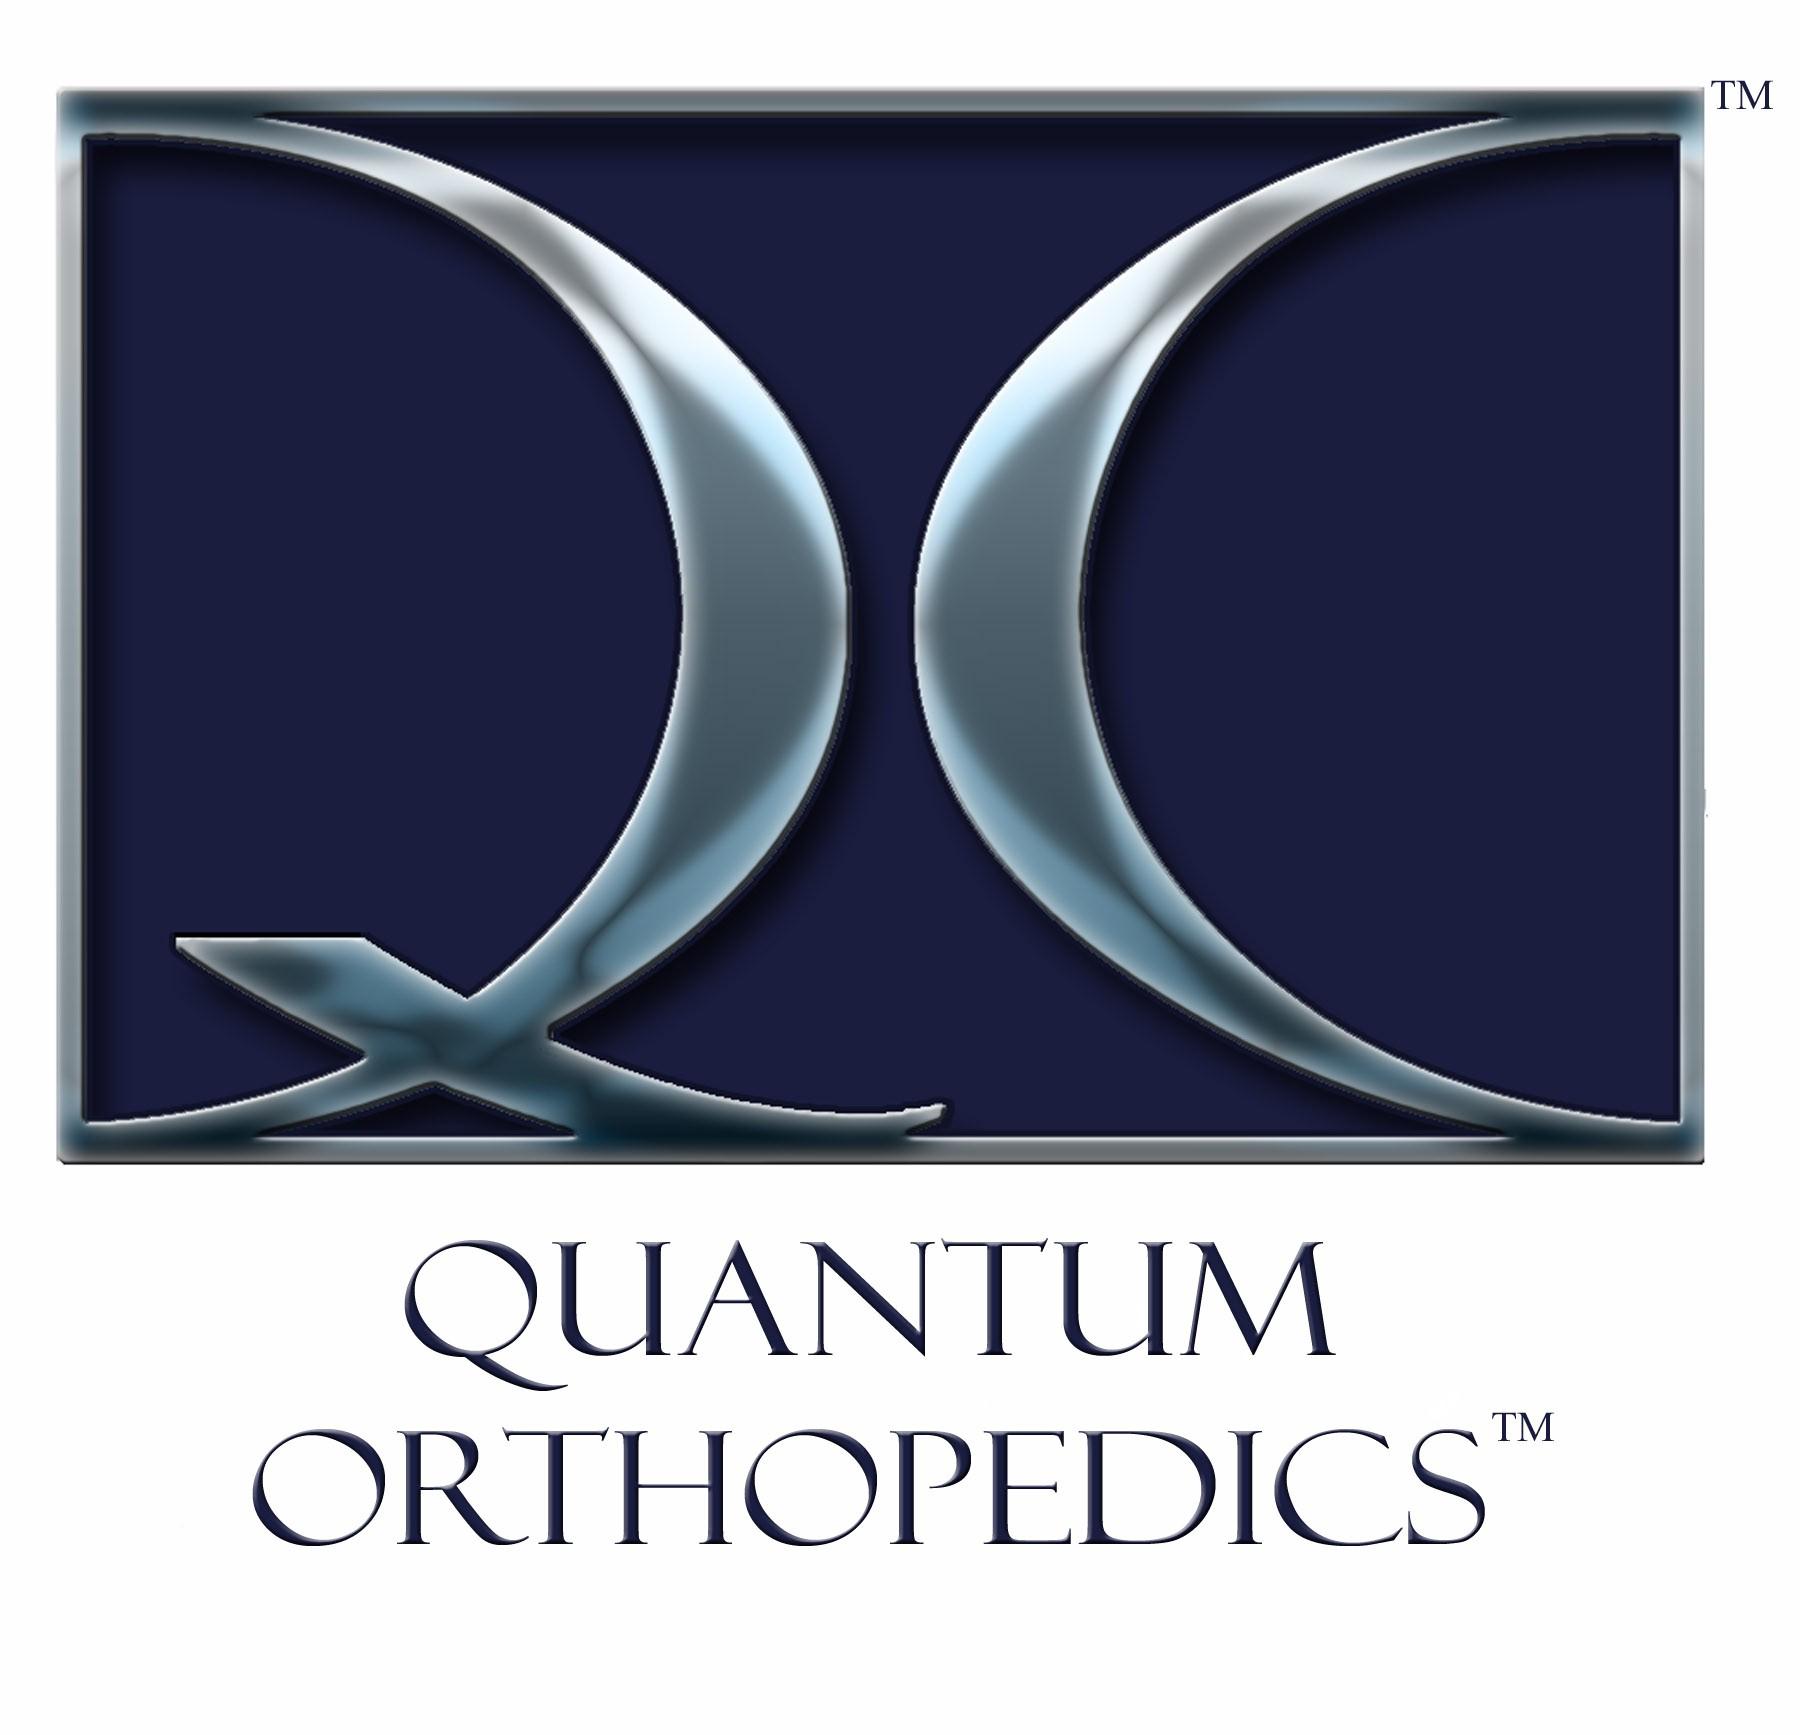 Quantum Orthopedics, Inc  Launches its Crystal™ Vertebral